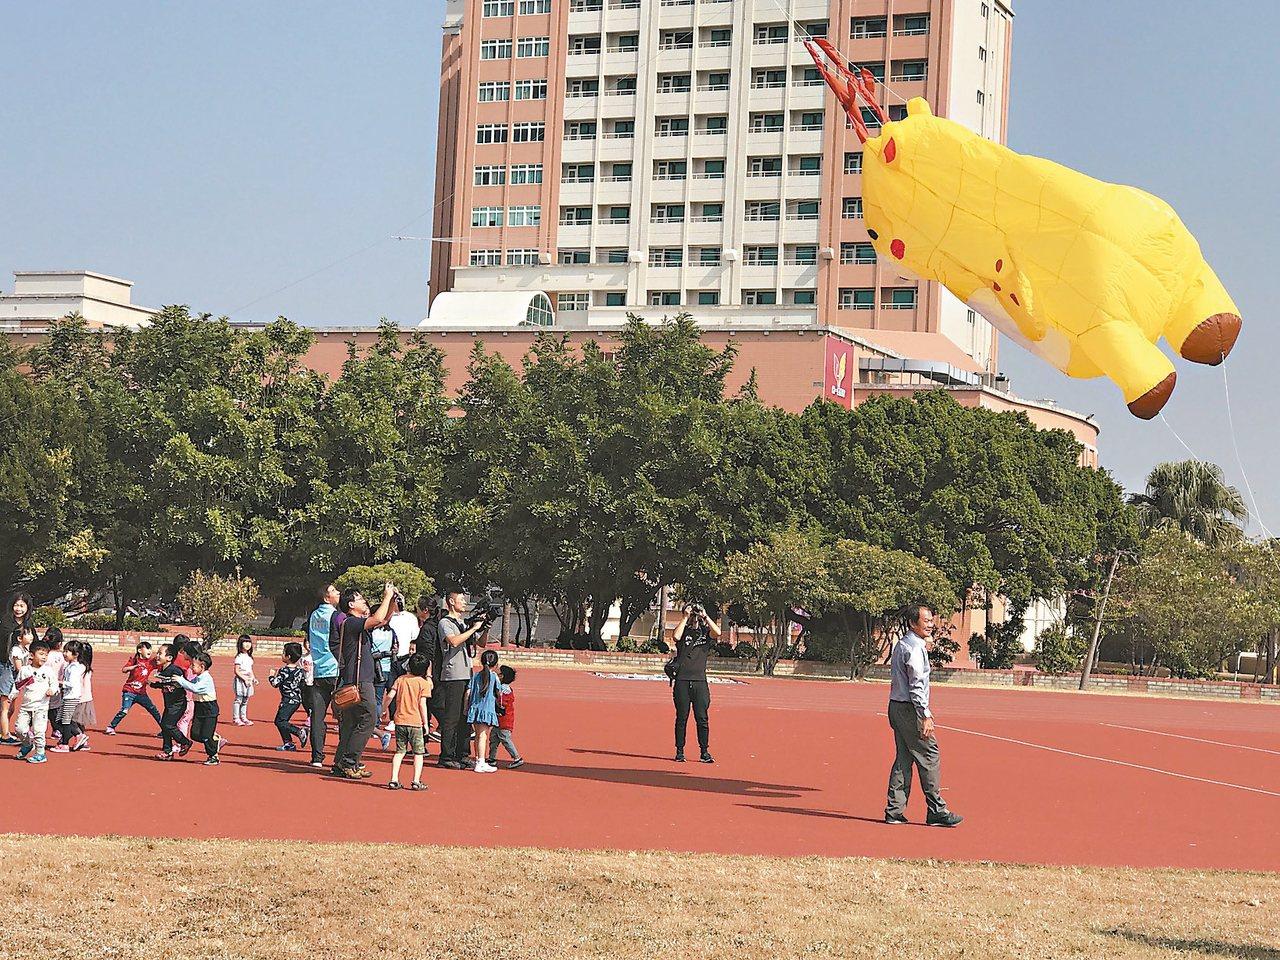 鹿港風箏節24日登場,包括10樓高氣囊風箏、 2樓高吉祥物小鹿鹿風箏都將飛上鹿港...